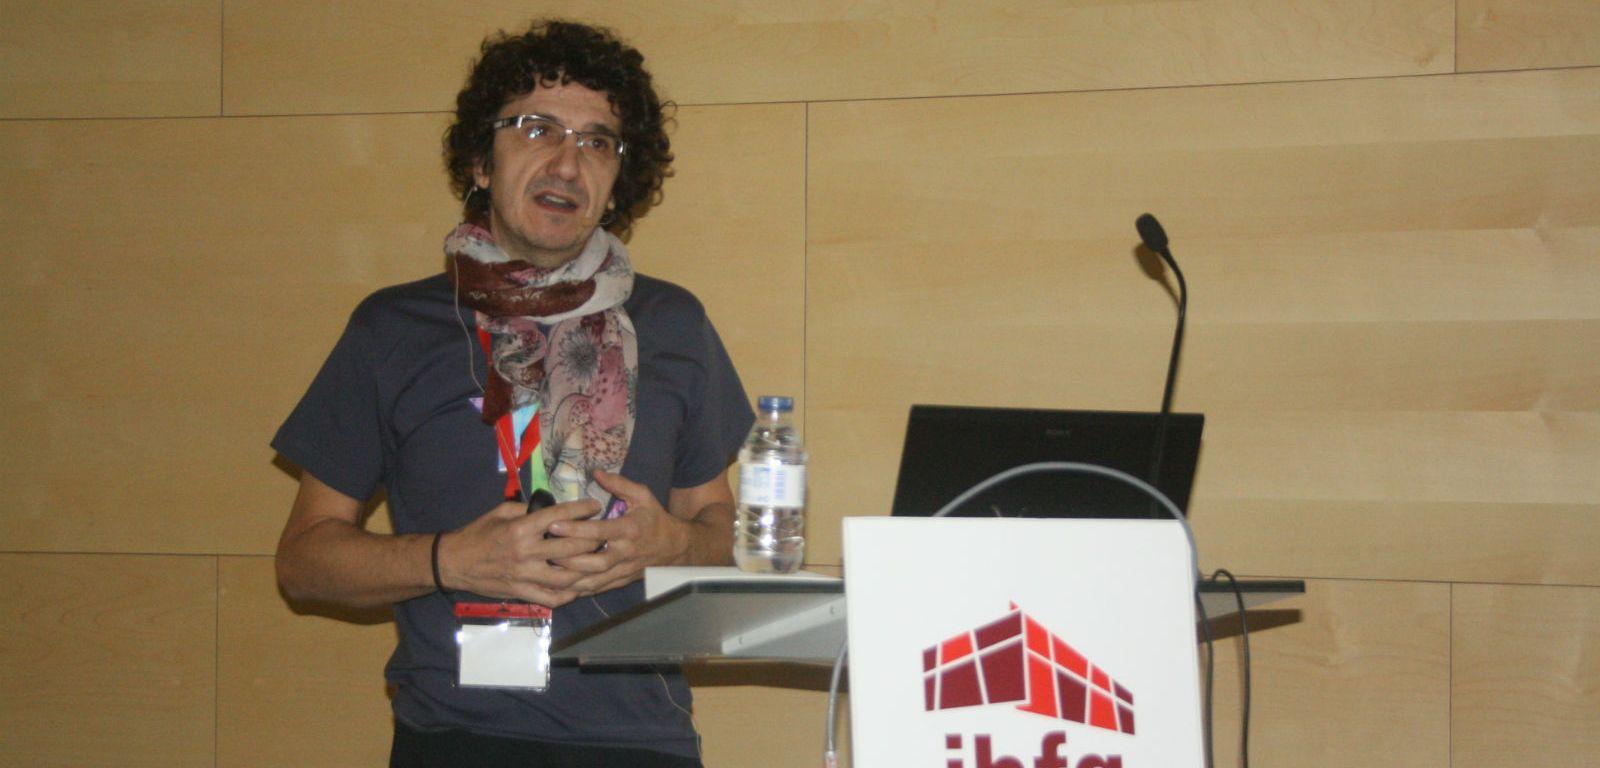 Marcos Malumbres, investigador del CNIO